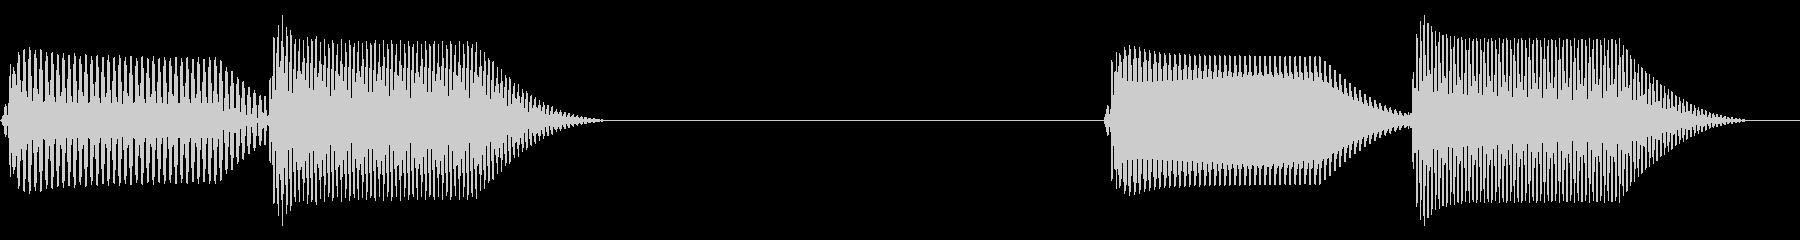 往年のRPG風 コマンド音 シリーズ 2の未再生の波形